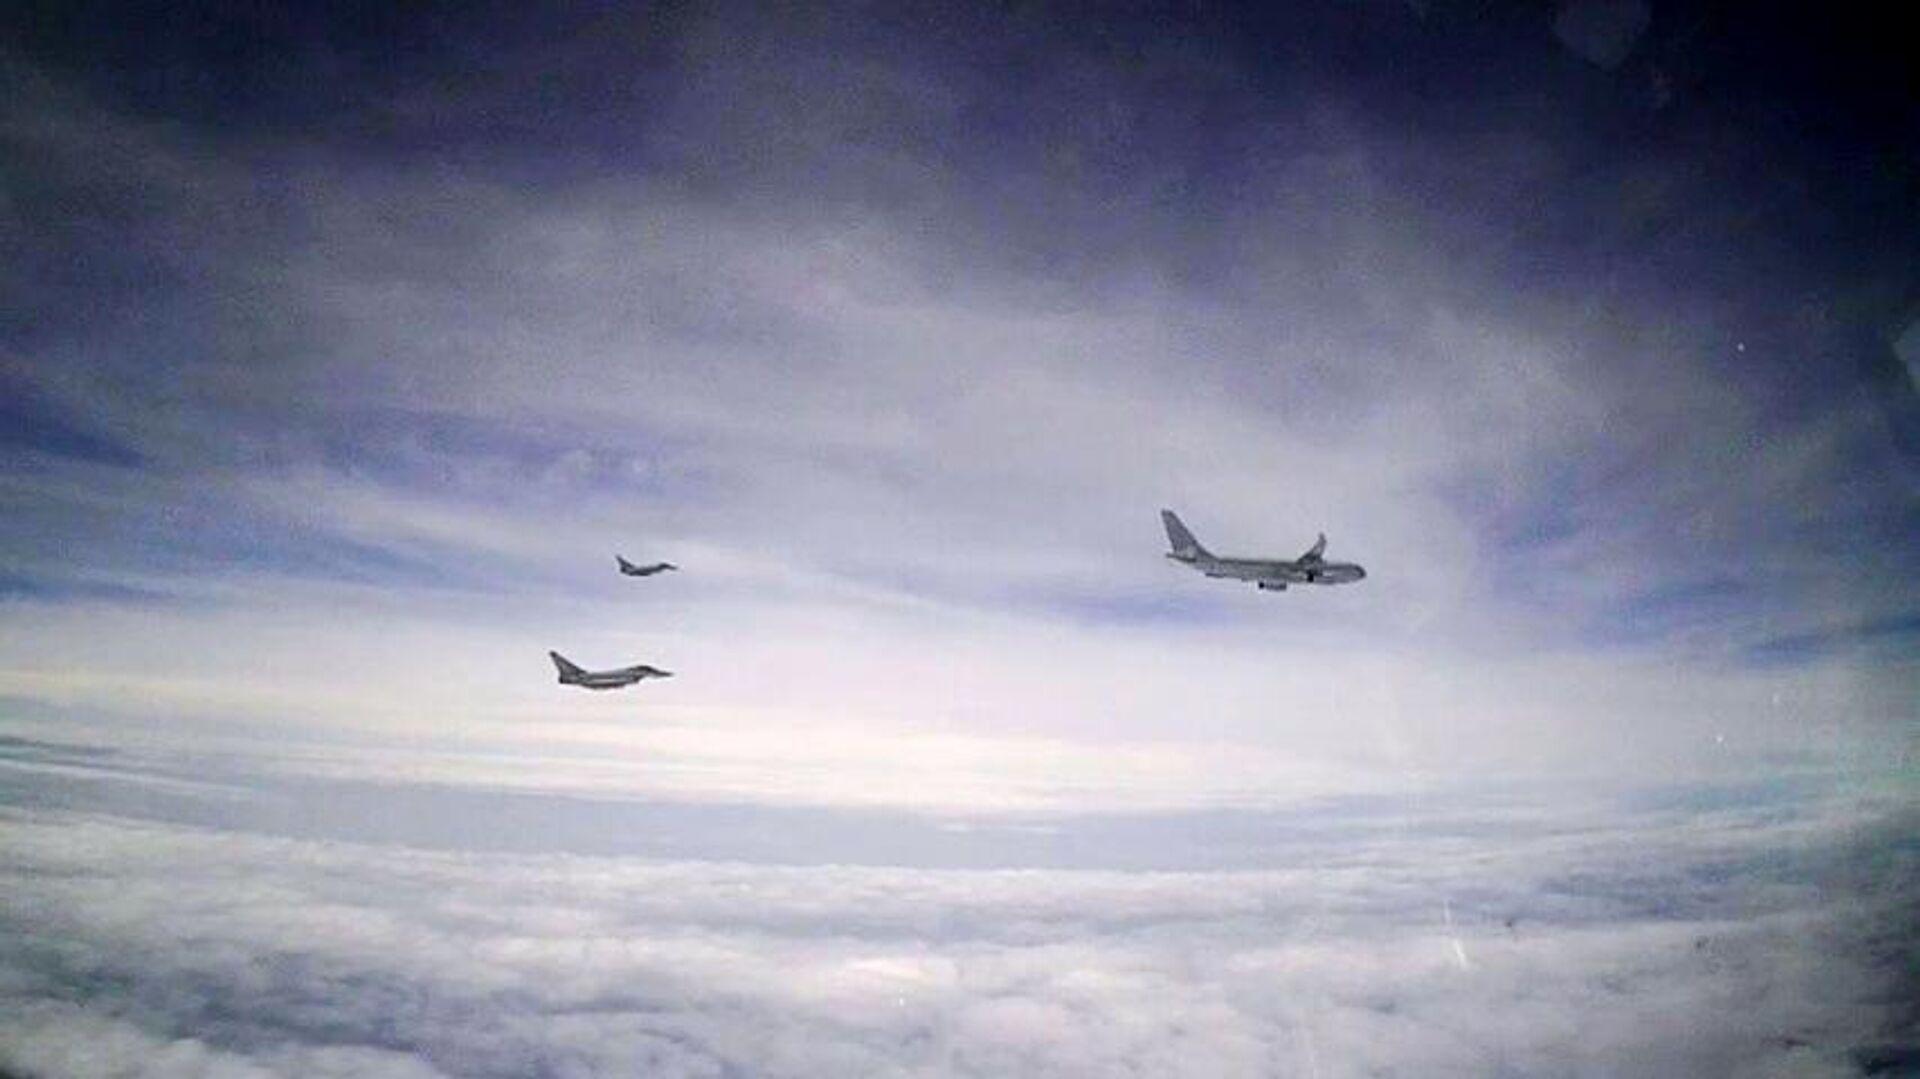 Британские самолеты, перехваченные российским Су-27 в небе над акваторией Черного моря - РИА Новости, 1920, 15.02.2021